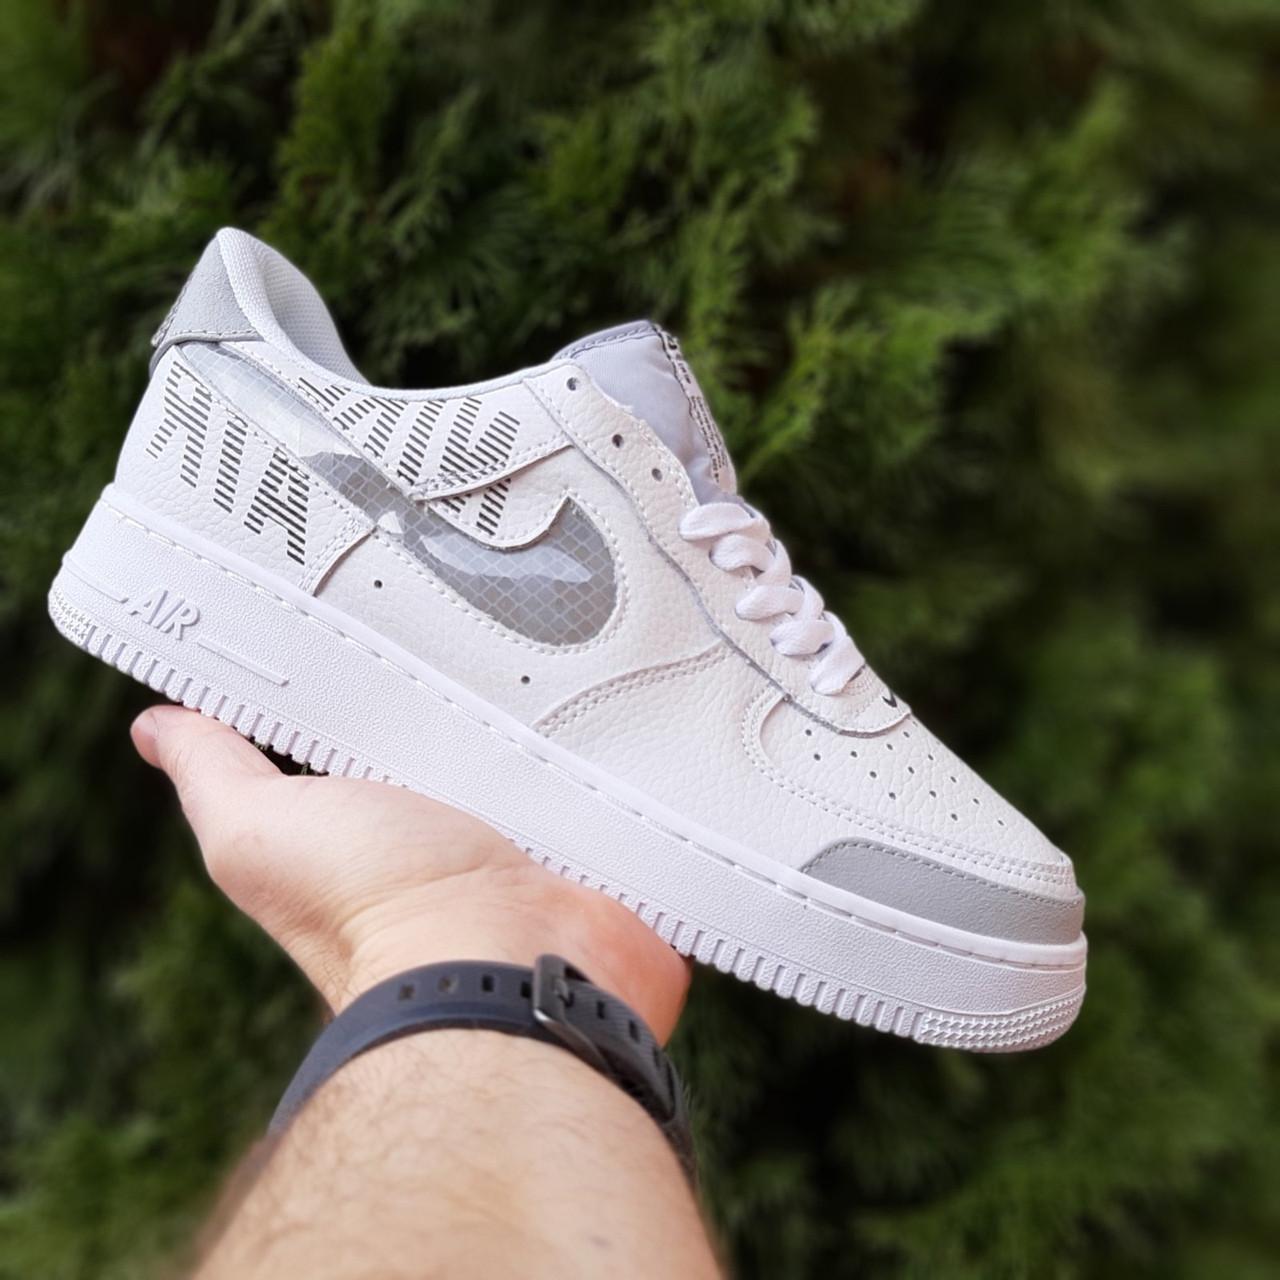 Кросівки чоловічі розпродаж АКЦІЯ 750 грн Nike 45й( 28,5 см) копія люкс